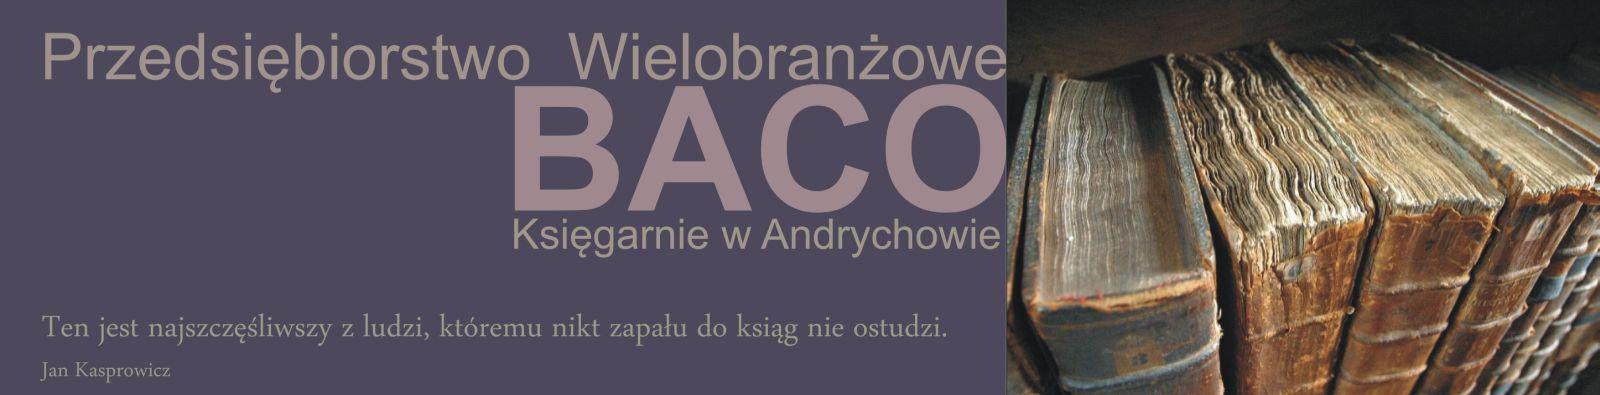 Przedsiębiorstwo Wielobranżowe BACO